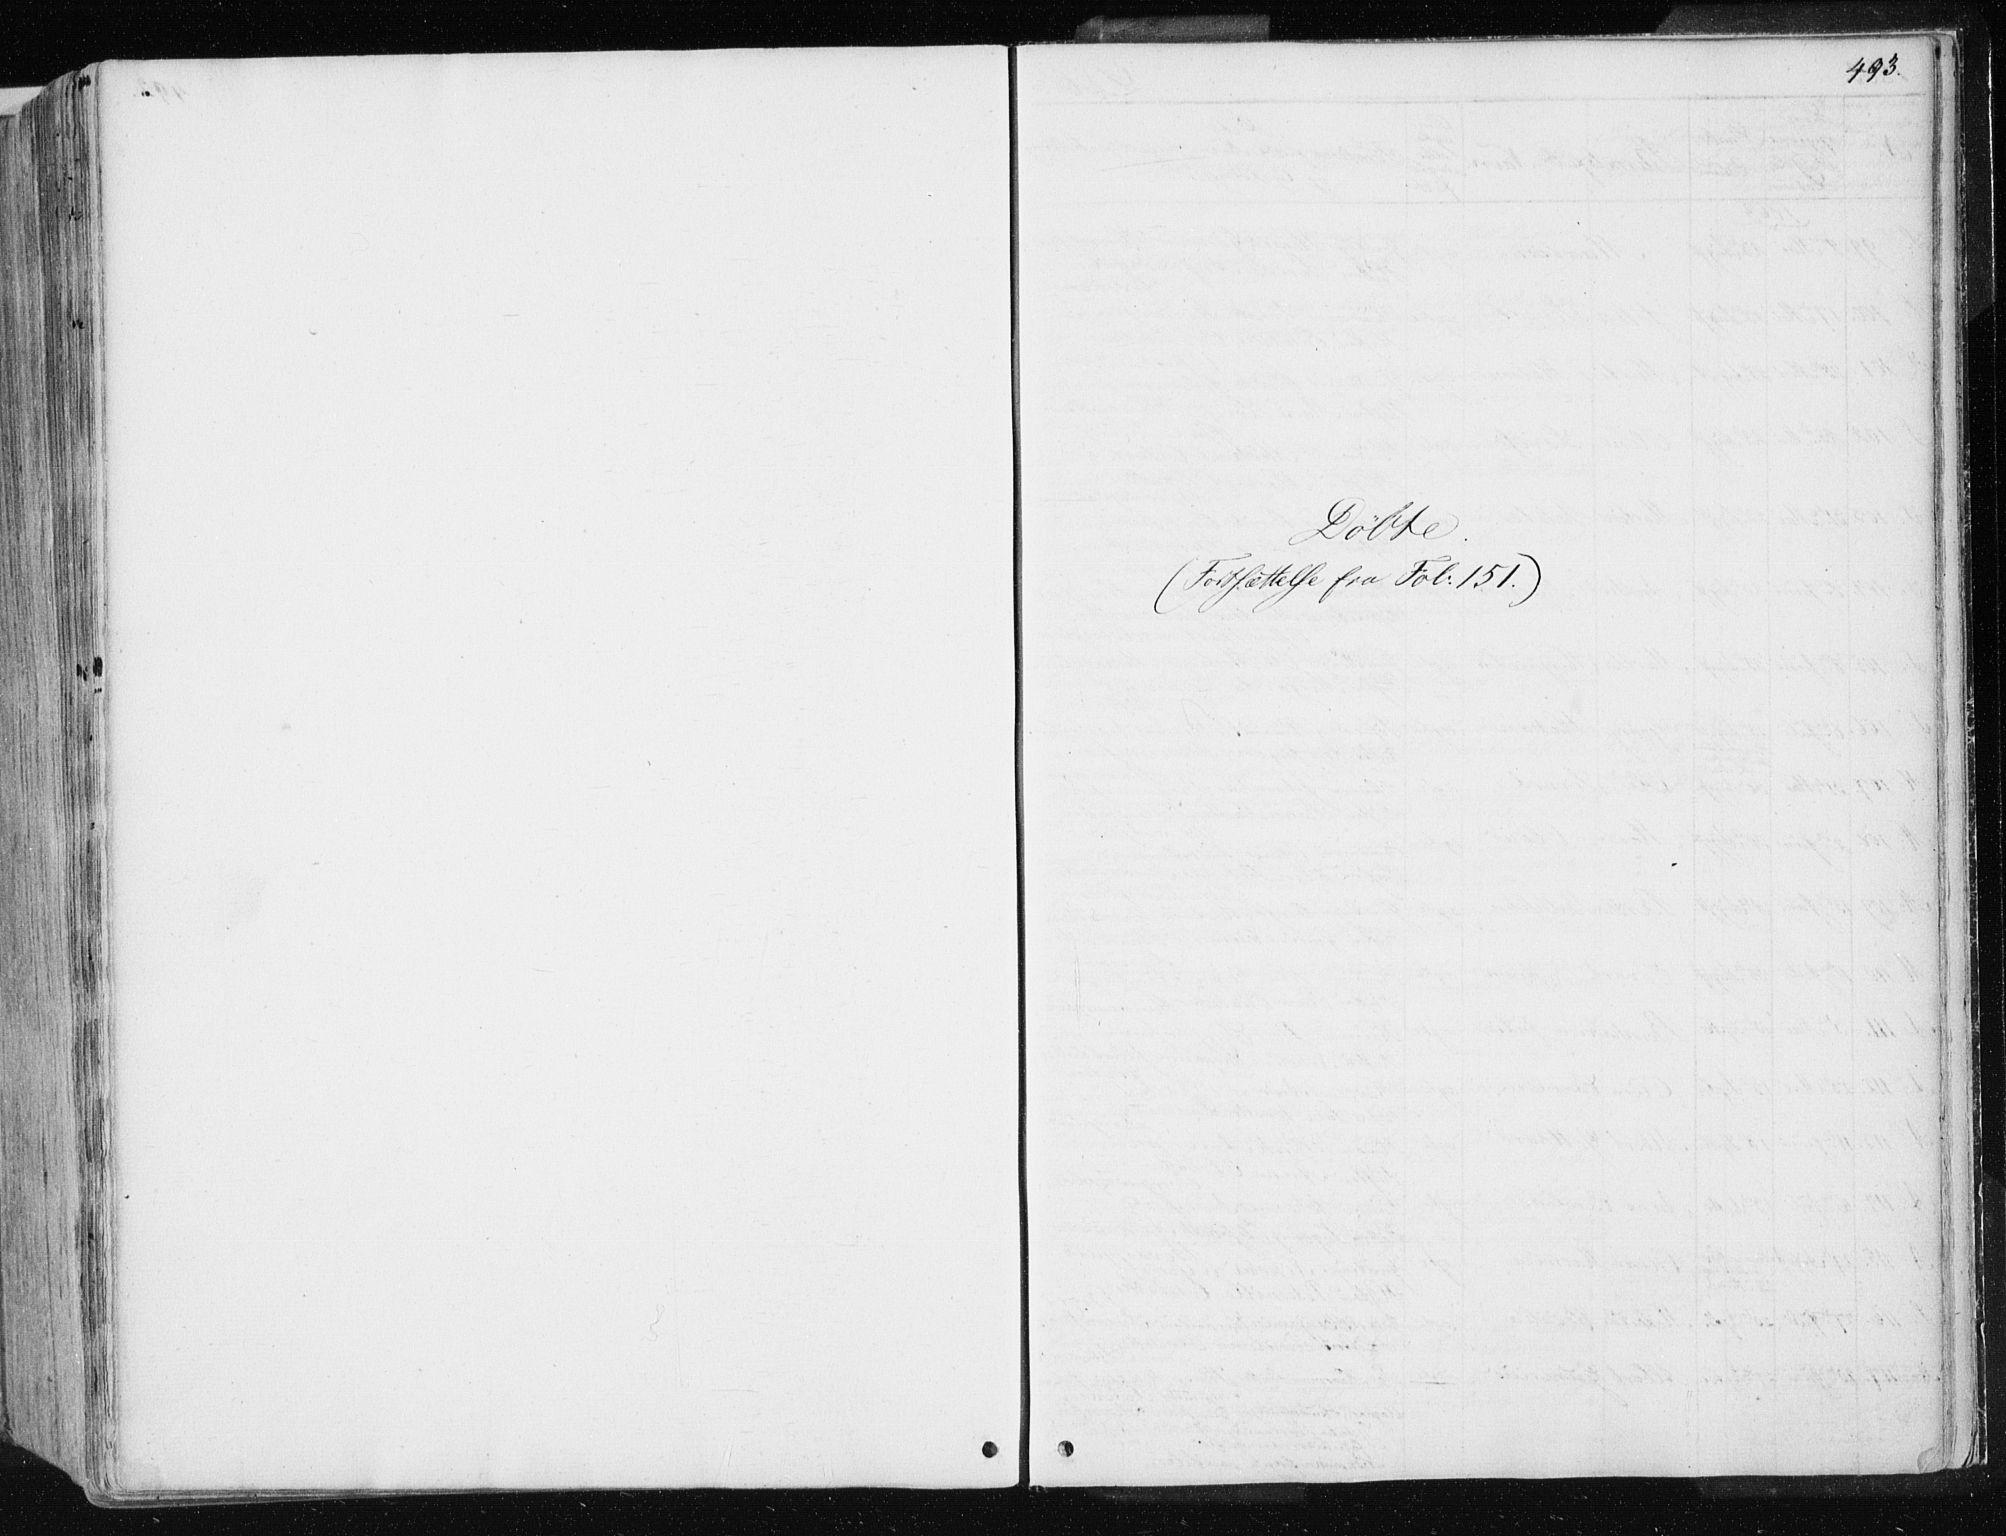 SAT, Ministerialprotokoller, klokkerbøker og fødselsregistre - Nord-Trøndelag, 741/L0393: Ministerialbok nr. 741A07, 1849-1863, s. 493